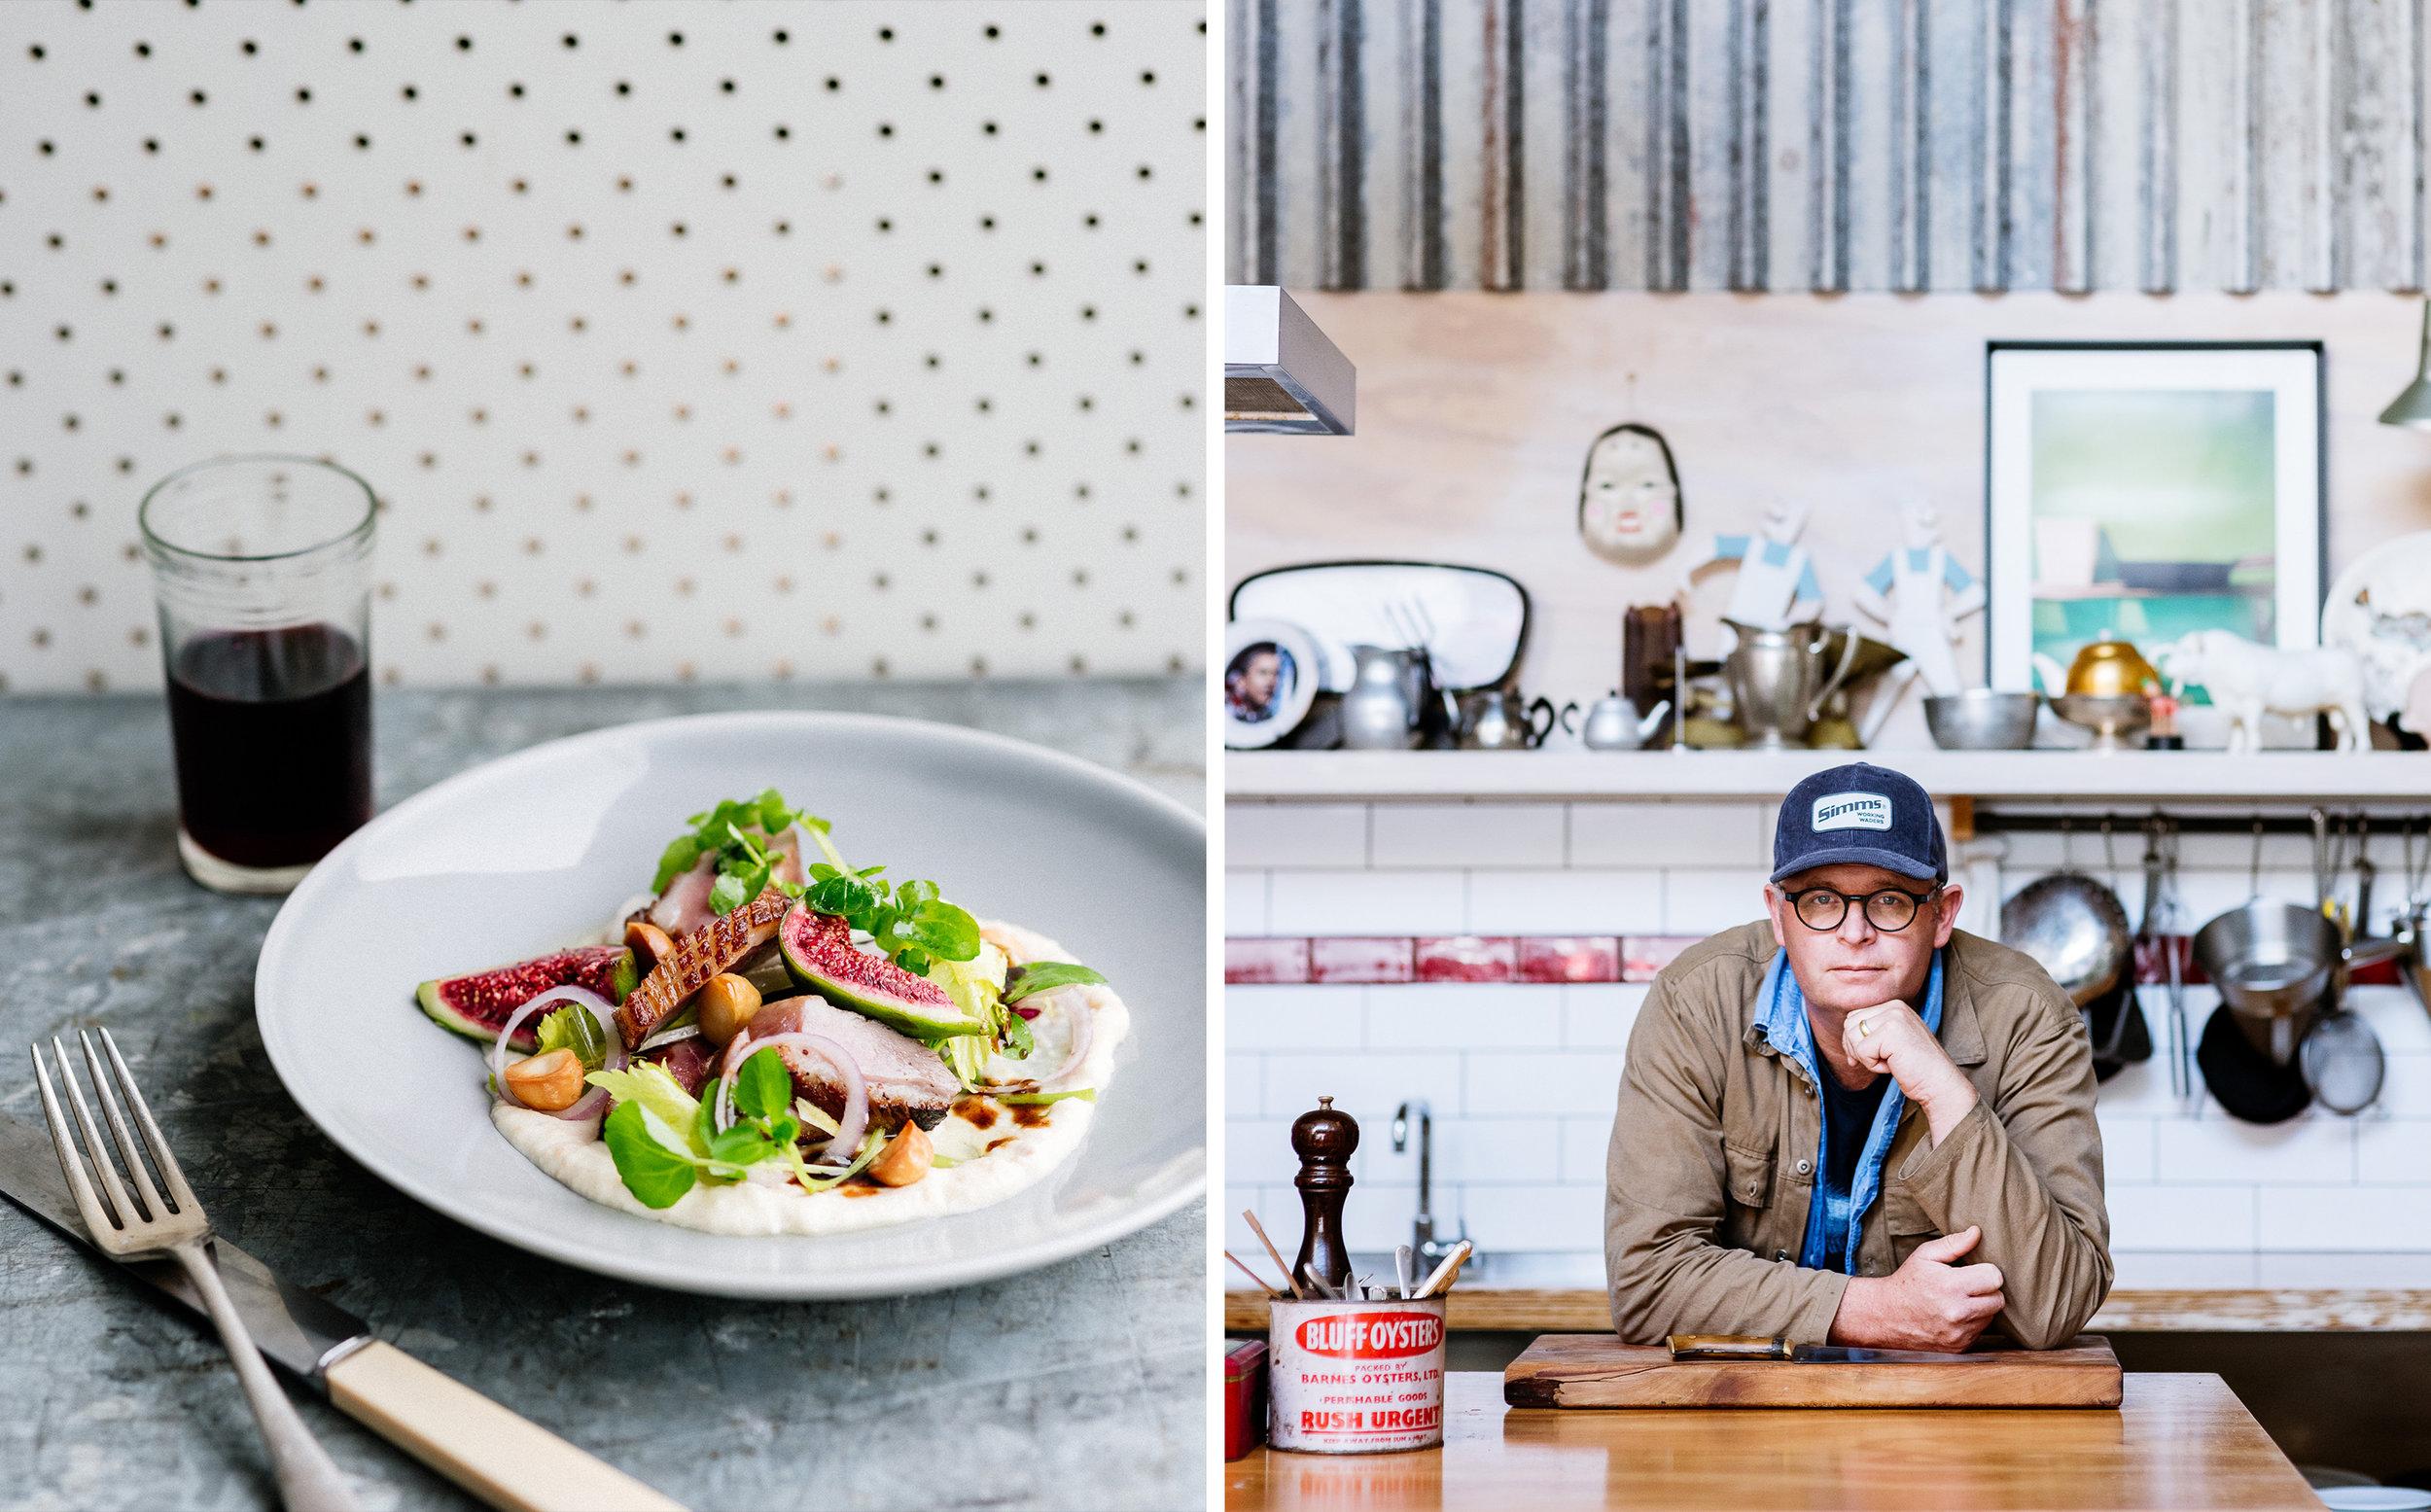 Al-Brown-Eat-Up-NZ-Cookbook-Josh-Griggs-Photographer-Splits-19.jpg